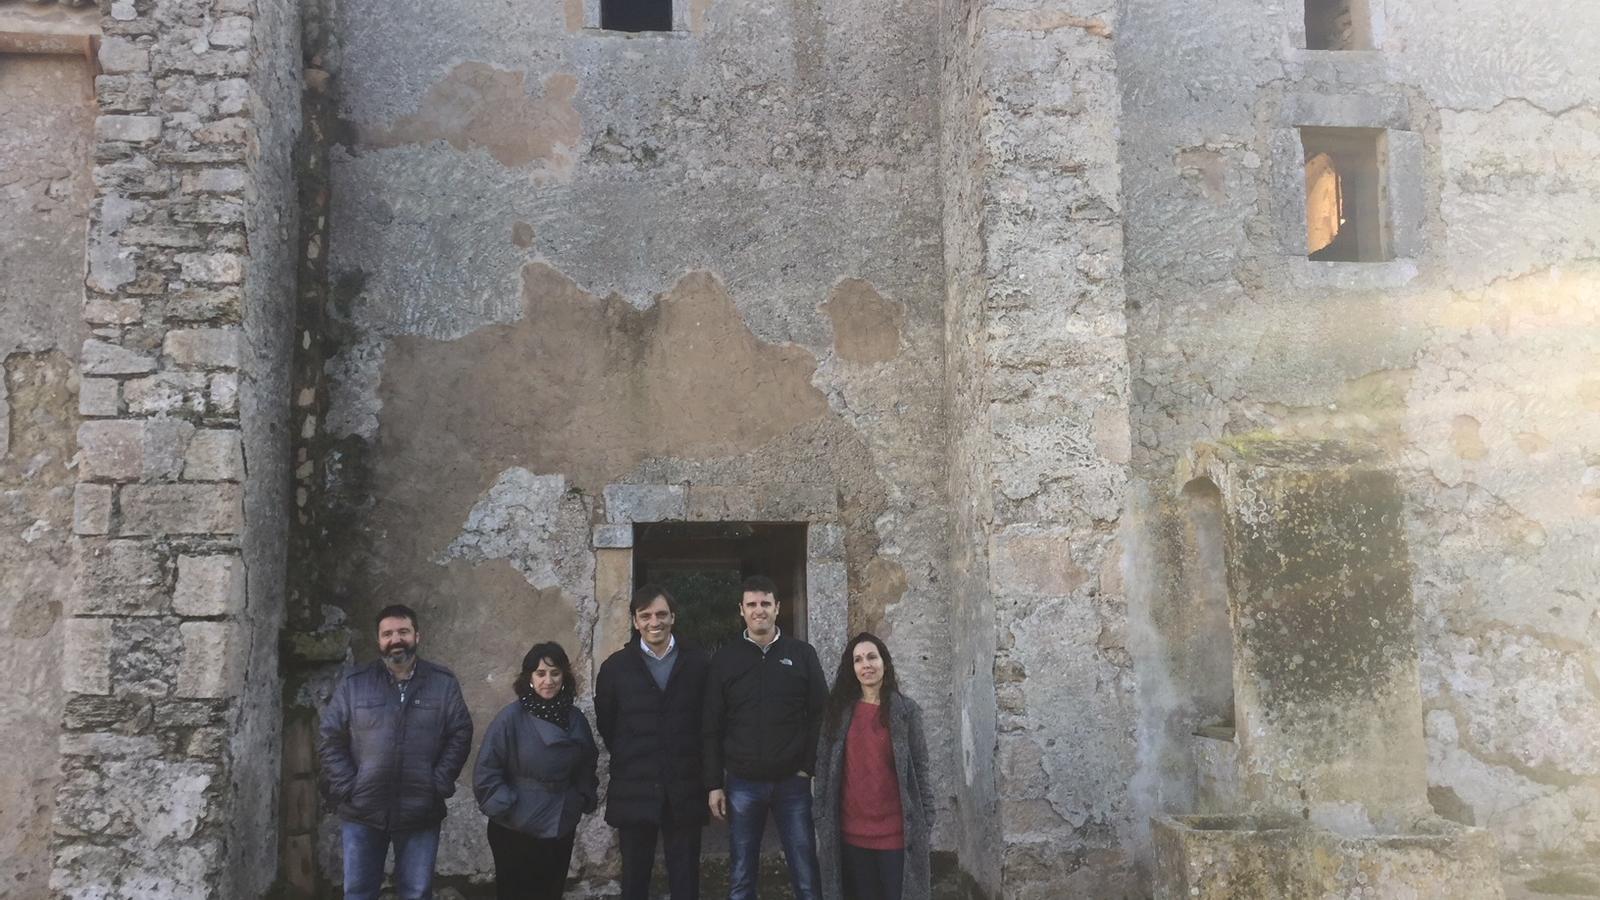 El vicepresident, Francesc Miralles, la directora insular de Patrimoni, Kika Coll, el batle d'Artà, Manolo Galán i els tinents de batle Tolo Gili i Aina Comas durant la trobada a Bellpuig.